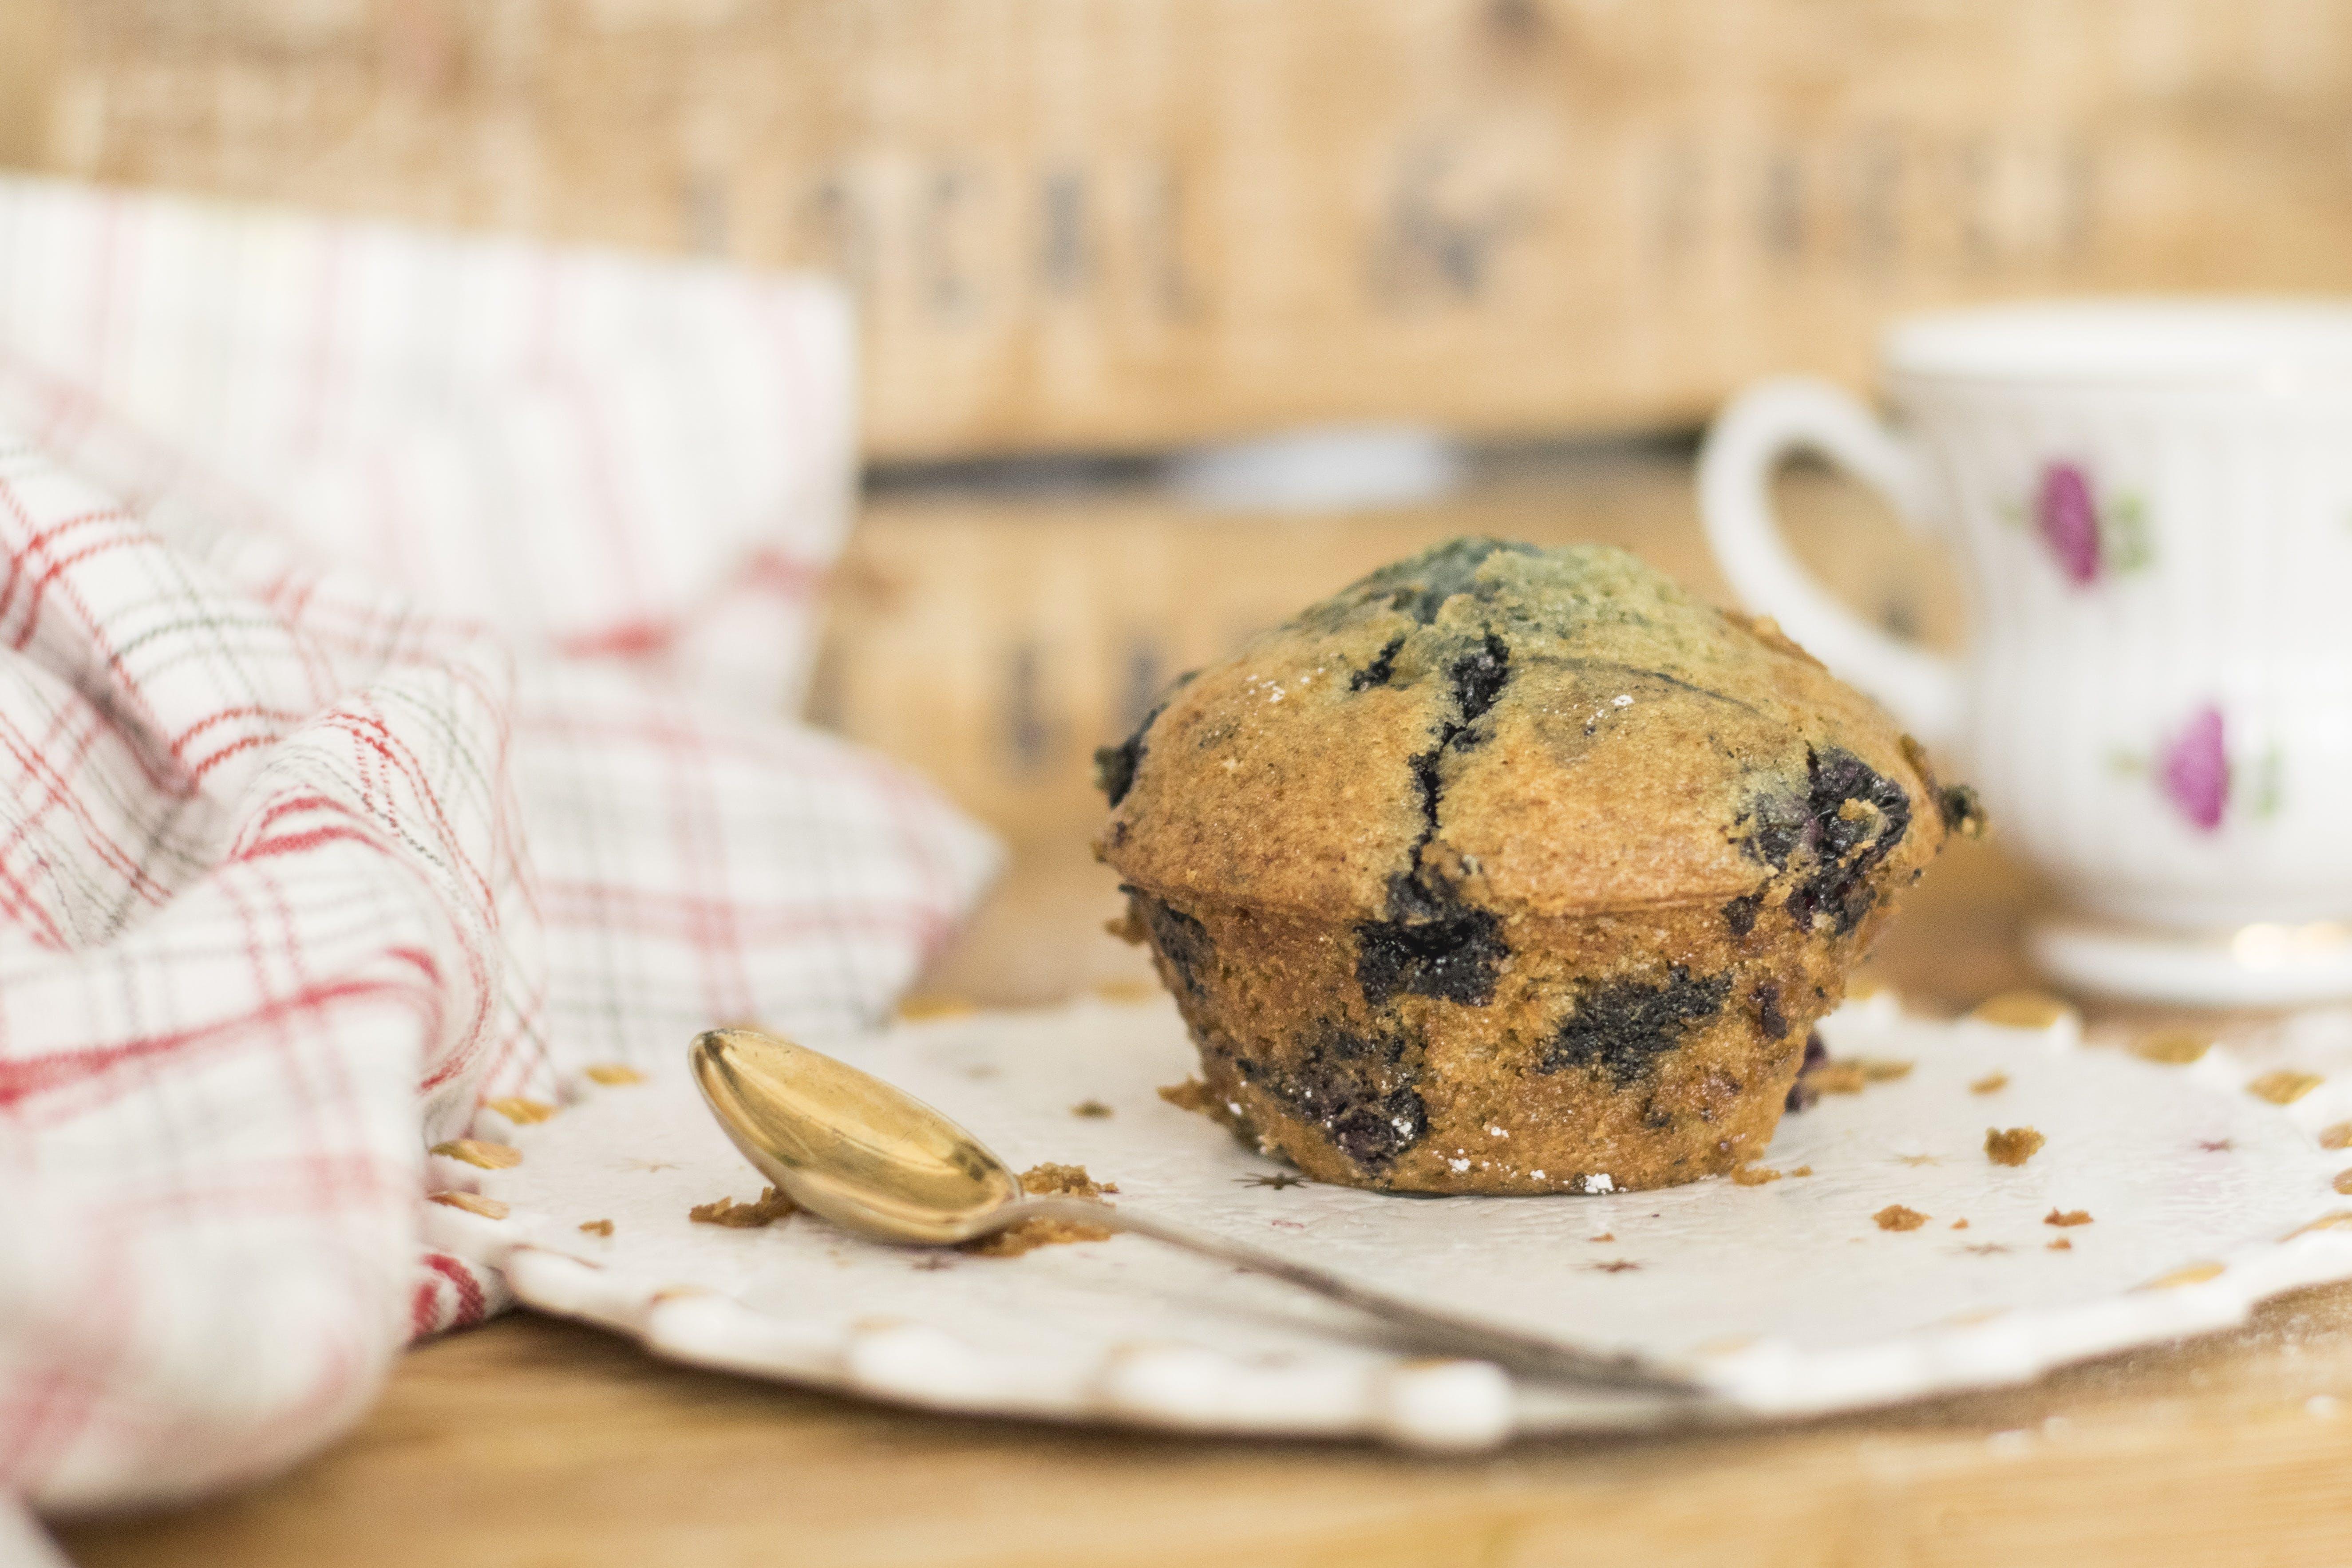 Δωρεάν στοκ φωτογραφιών με cupcake, γαλακτοκομικά προϊόντα, επιείκεια, ζυμάρι